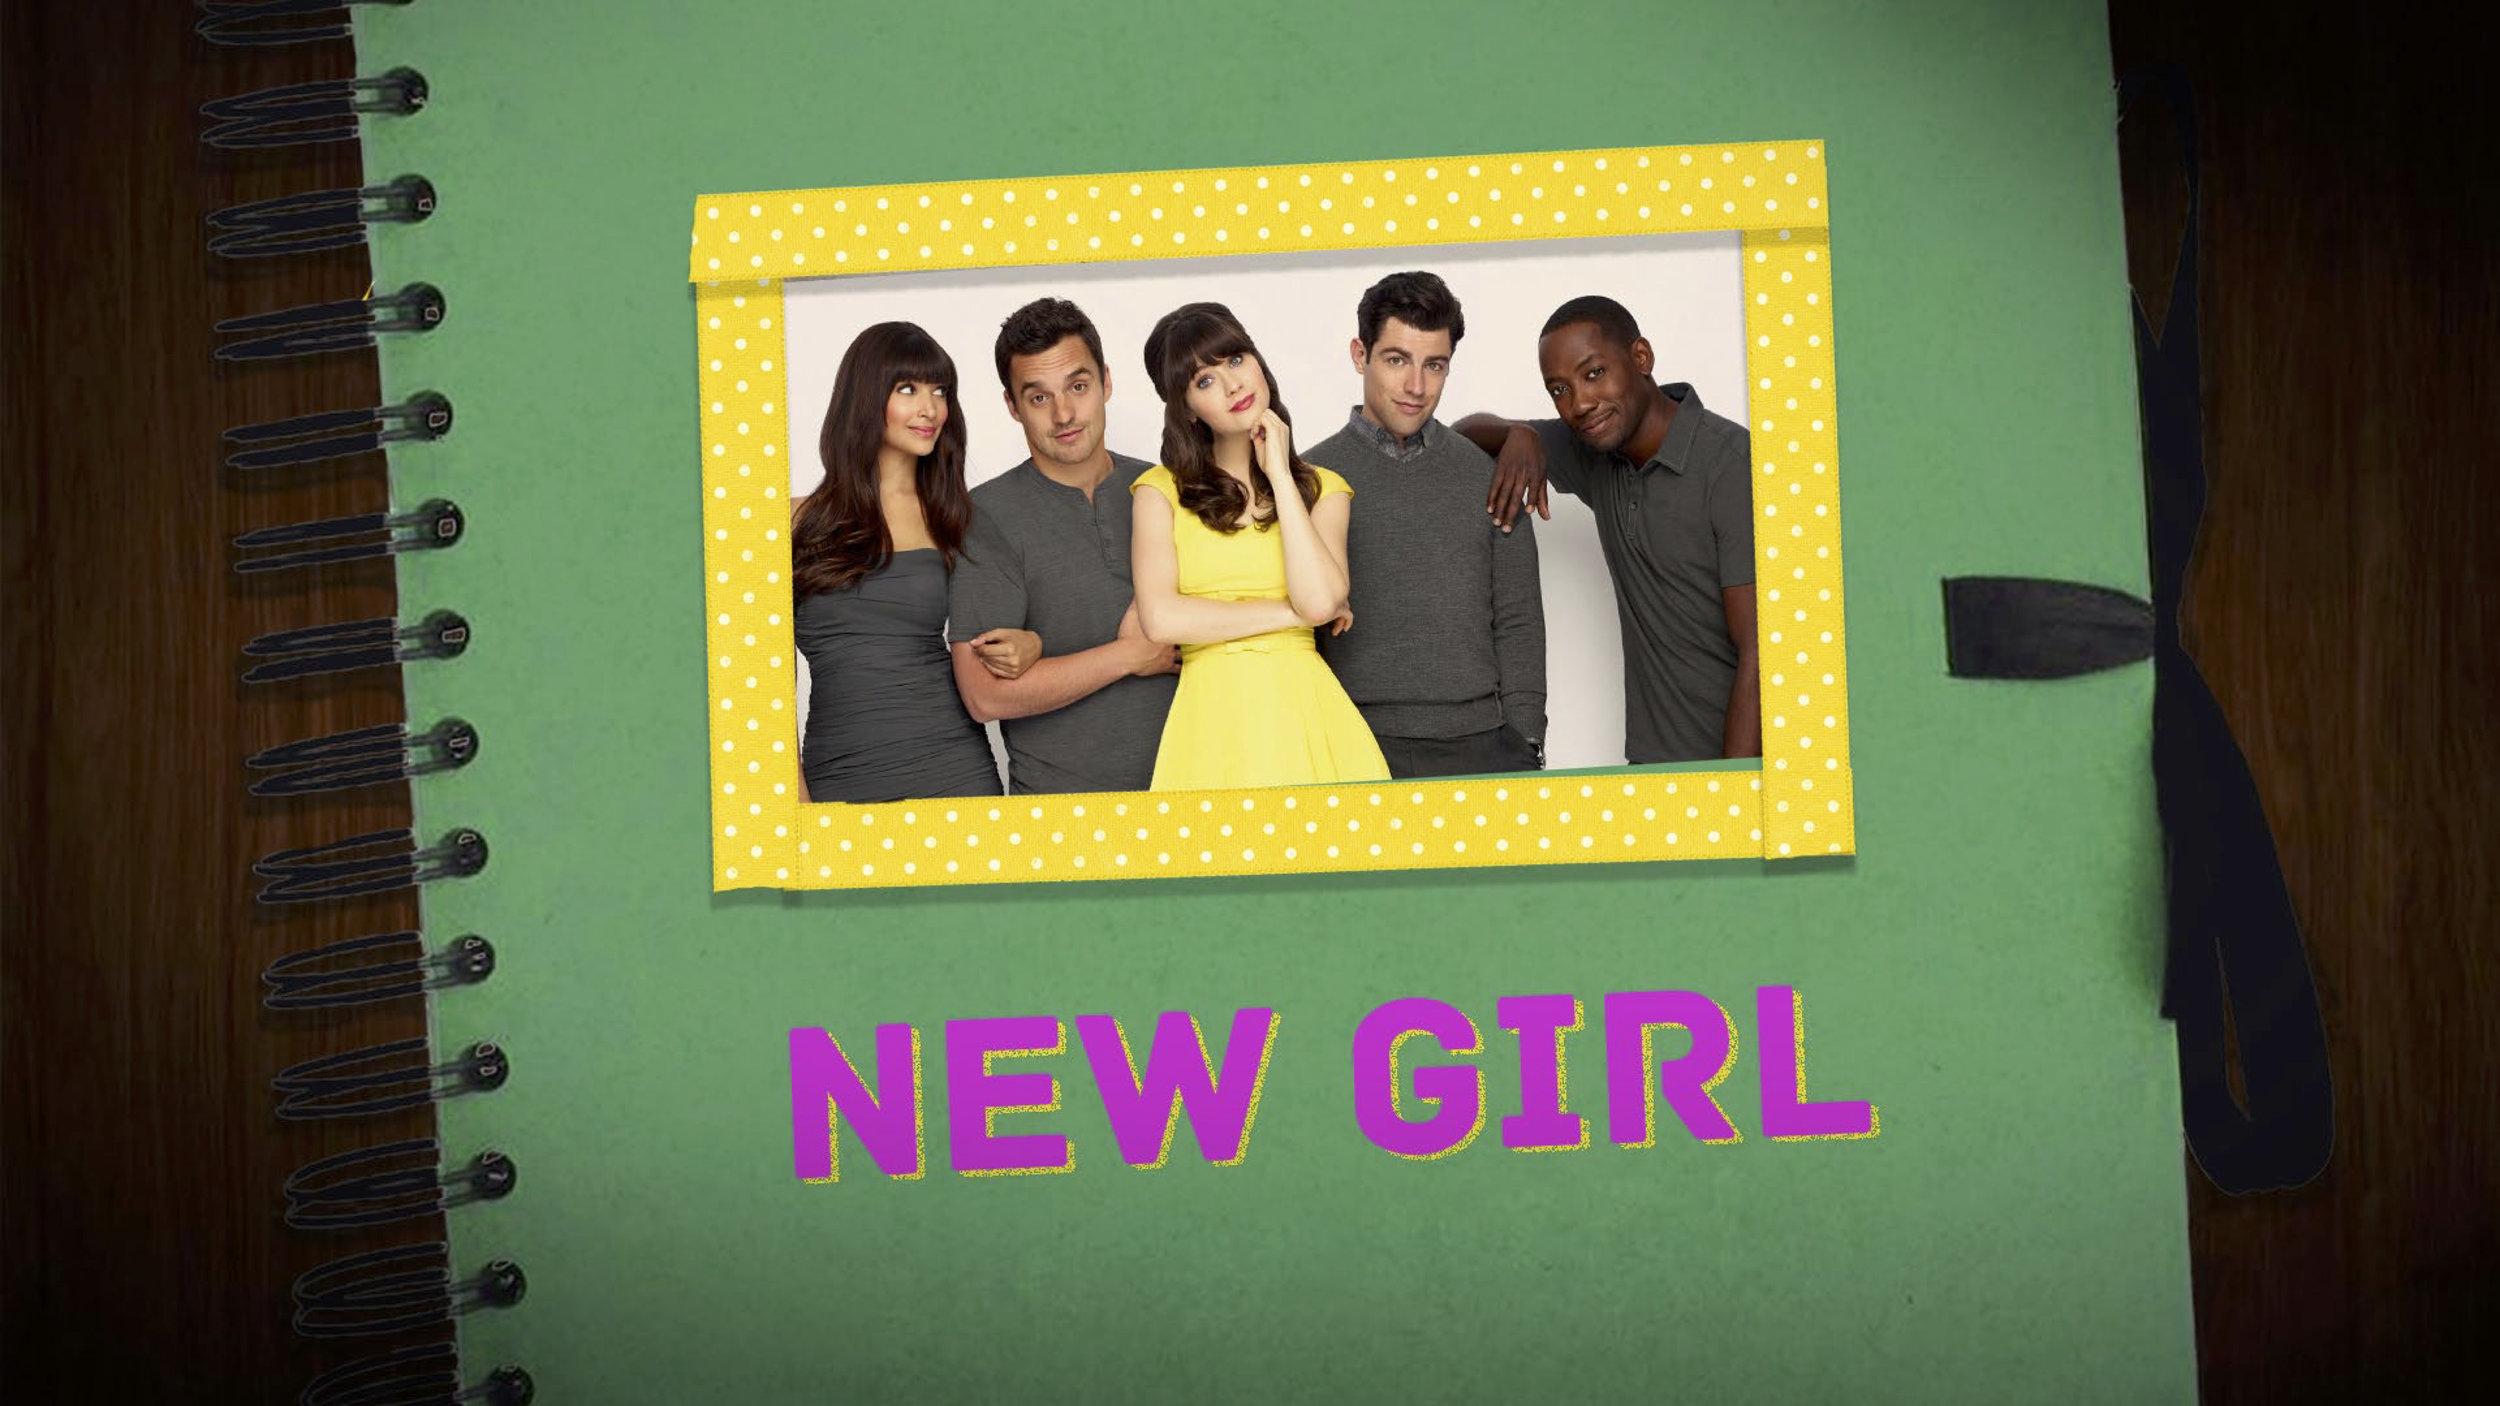 NEW GIRL -